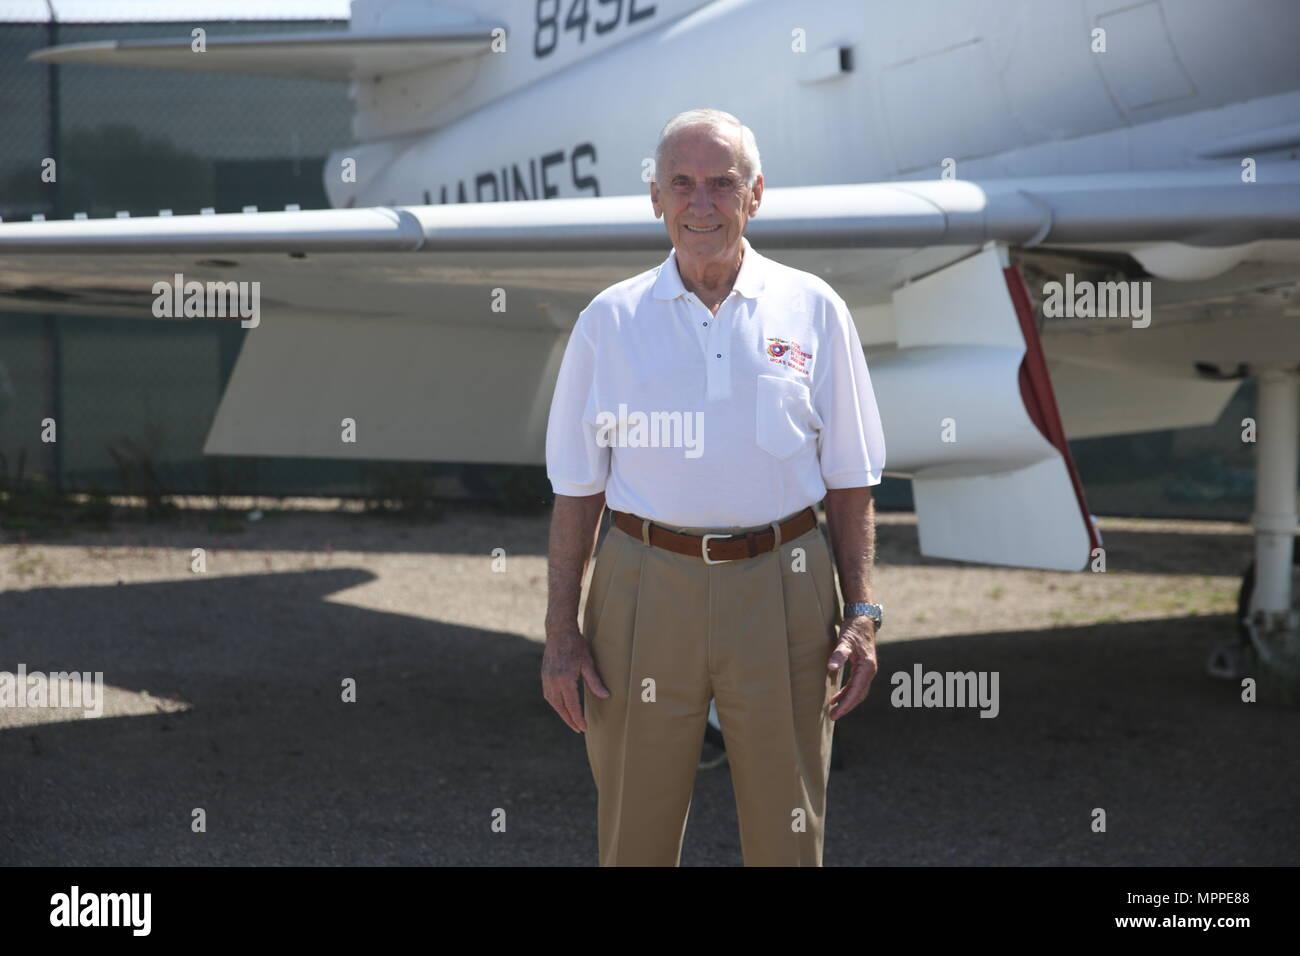 Se retiró el My Gen. Bobby Carnicero está junto a un Douglas A-4C Skyhawk en la Flying Leatherneck Aviation Museum justo afuera de la Marine Corps Air Station Miramar, California, el 6 de abril. Butcher voló el Skyhawk hacia el final de su gira como un piloto de Vietnam. (Ee.Uu. Foto del Cuerpo de Infantería de Marina por el sargento. David Bickel/liberado) Foto de stock